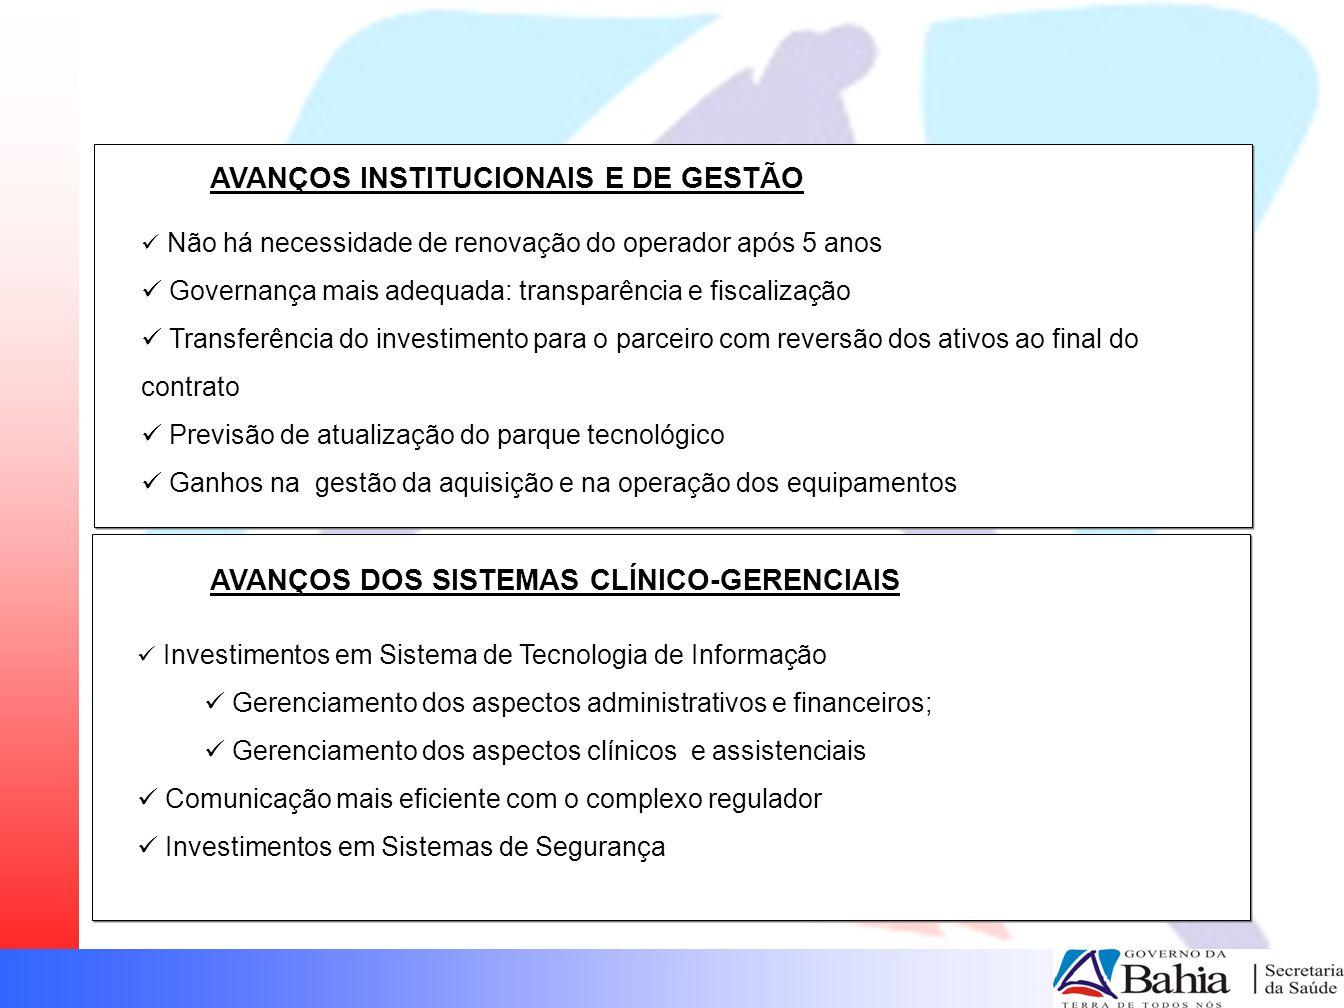 AVANÇOS INSTITUCIONAIS E DE GESTÃO